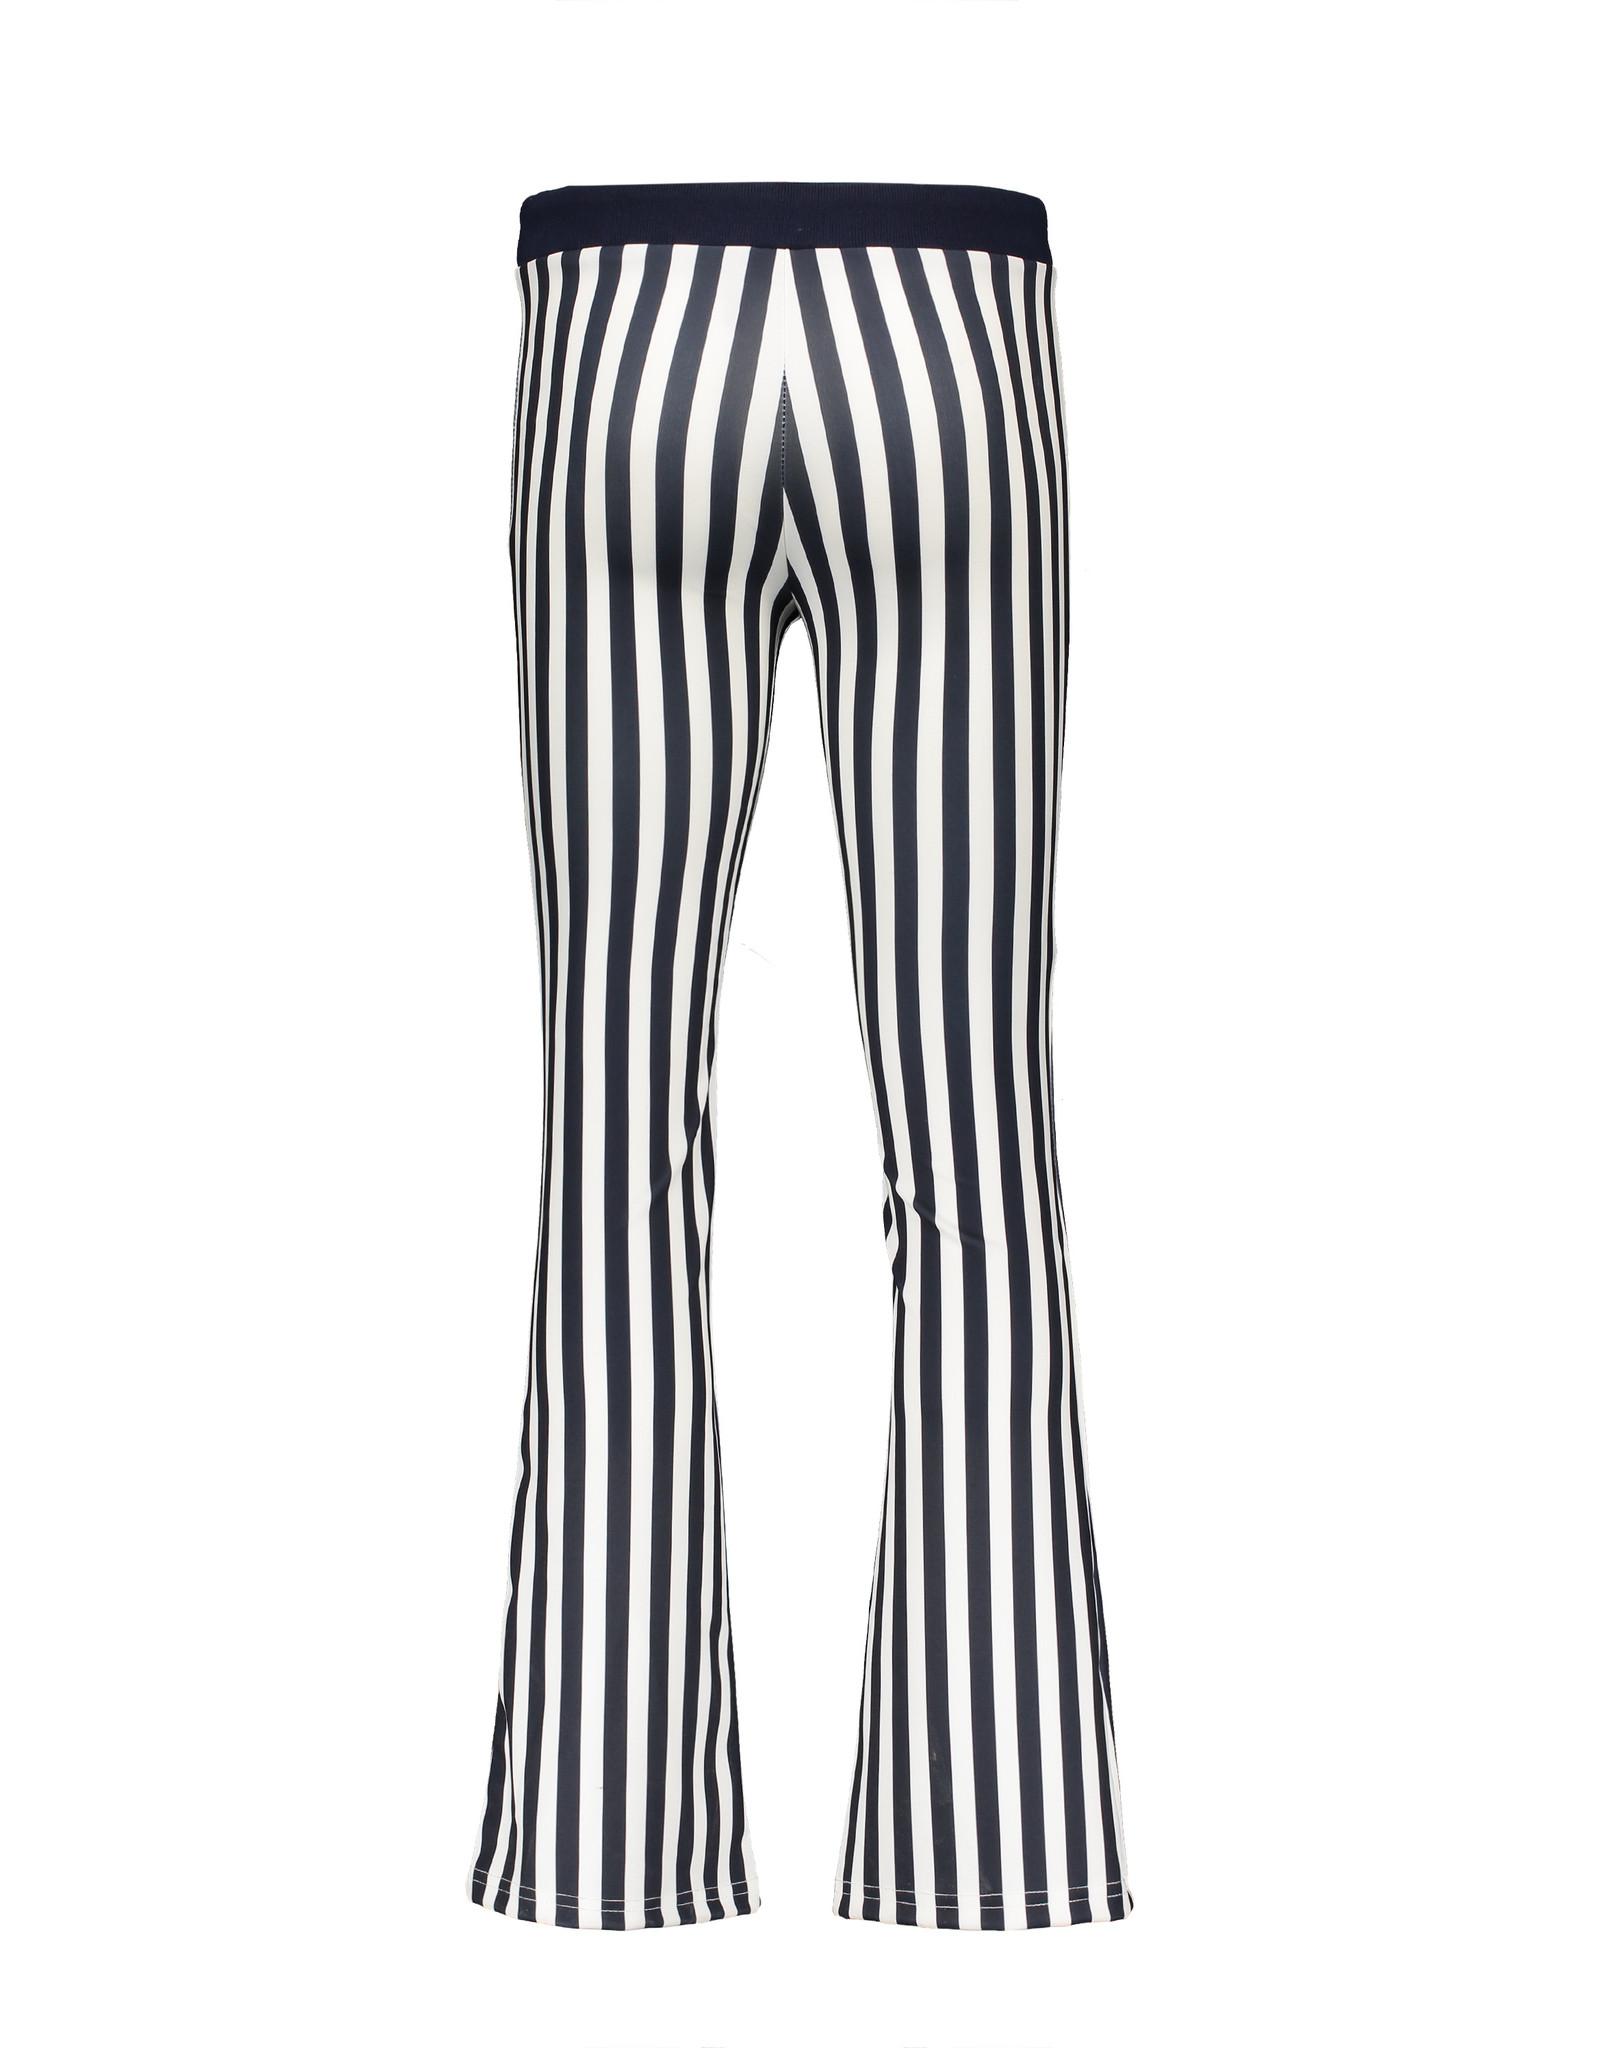 NoBell NoBell Sahara striped flared pants NAVY BLAZER